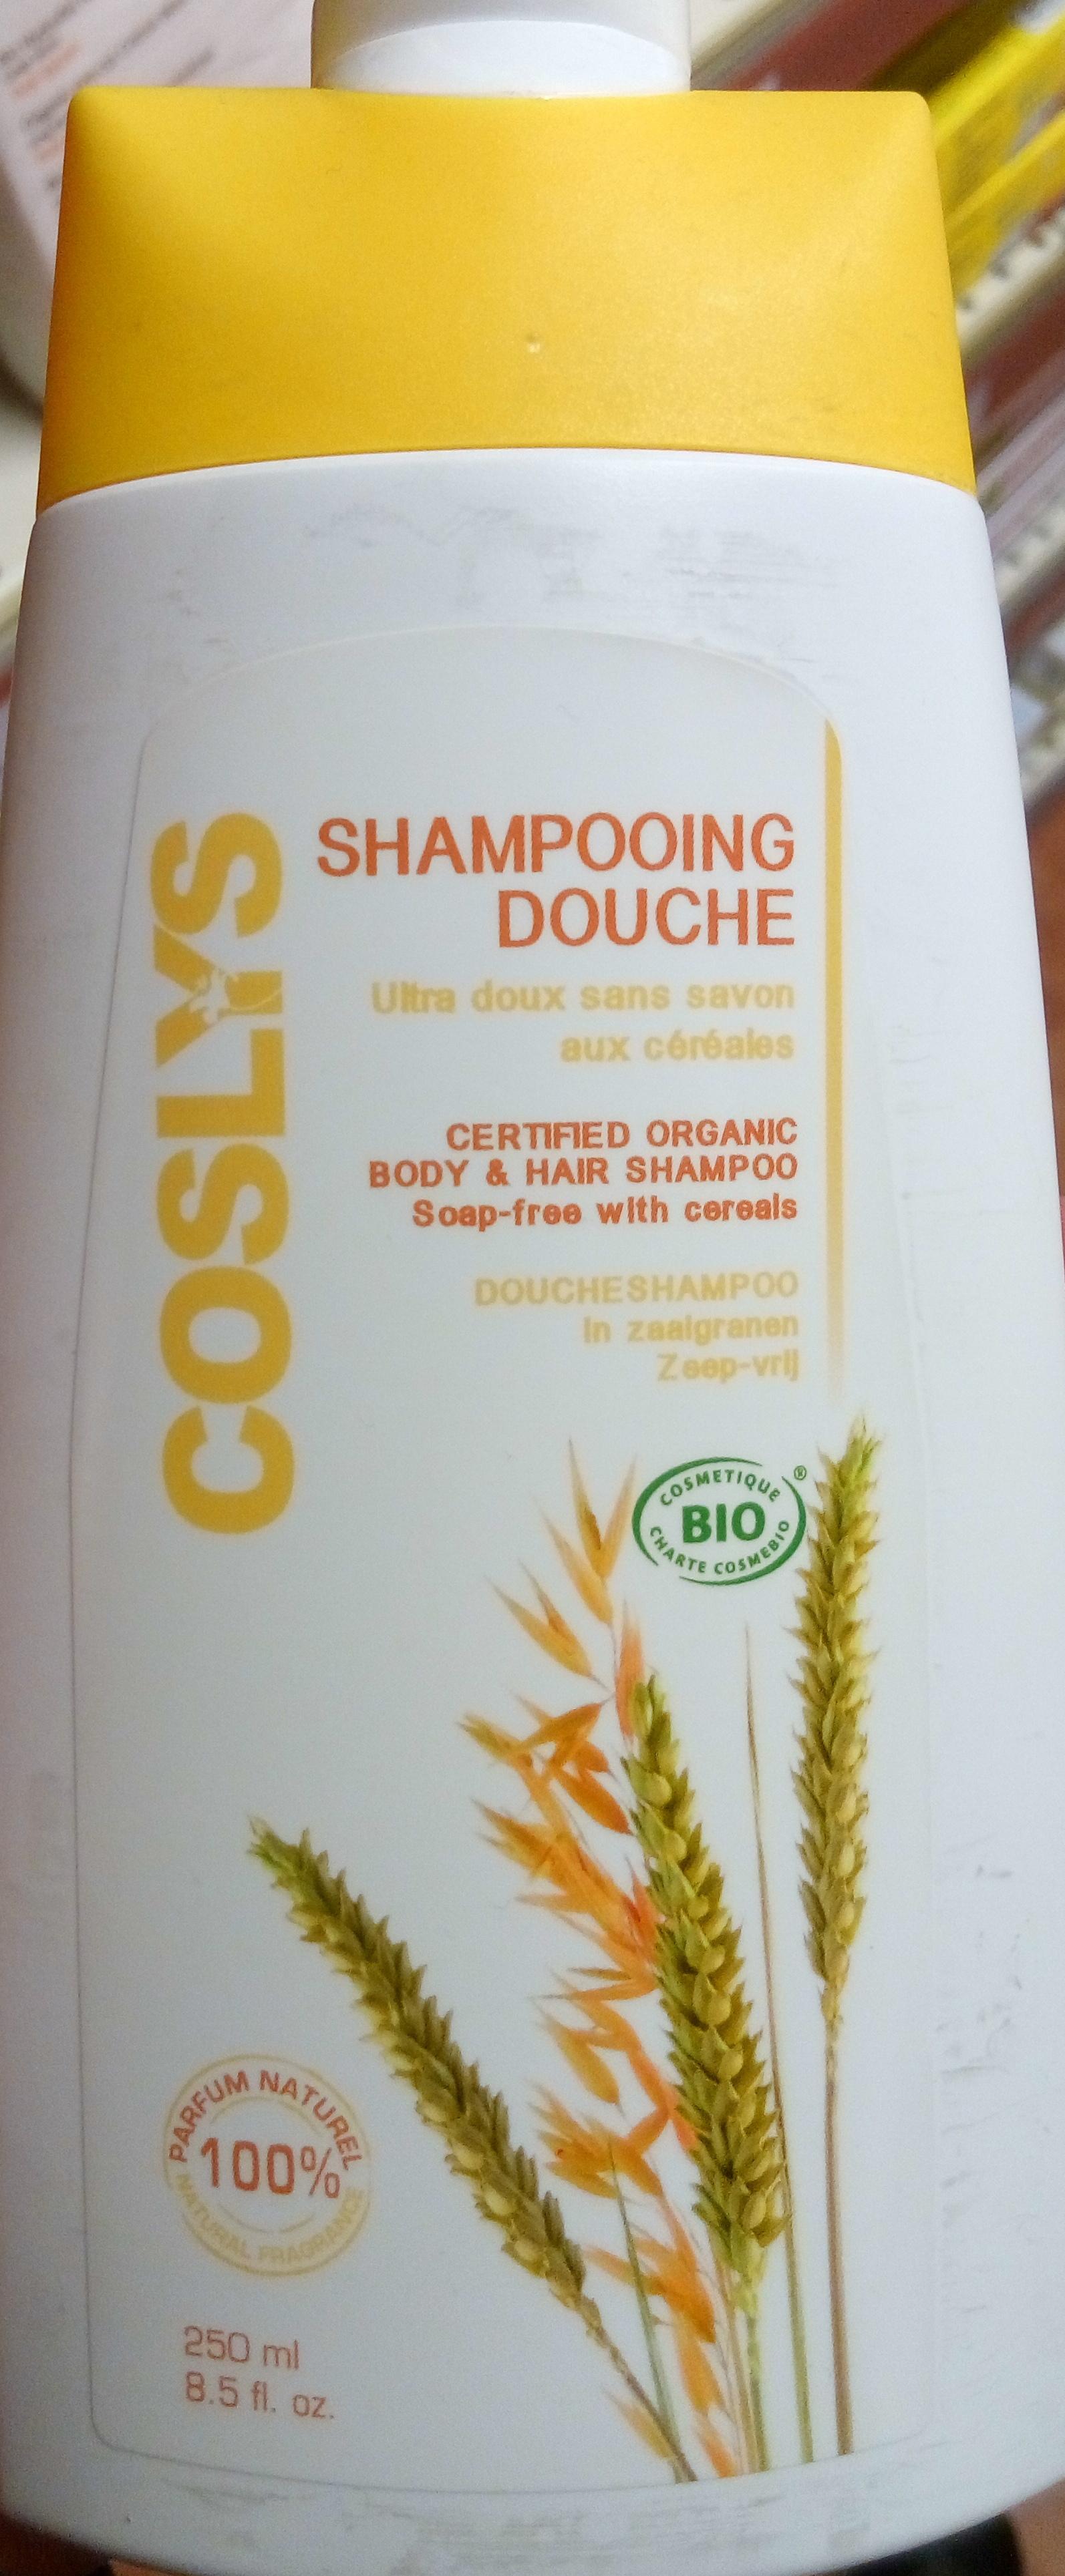 Shampooing douche ultra doux sans savon aux céréales - Produit - fr